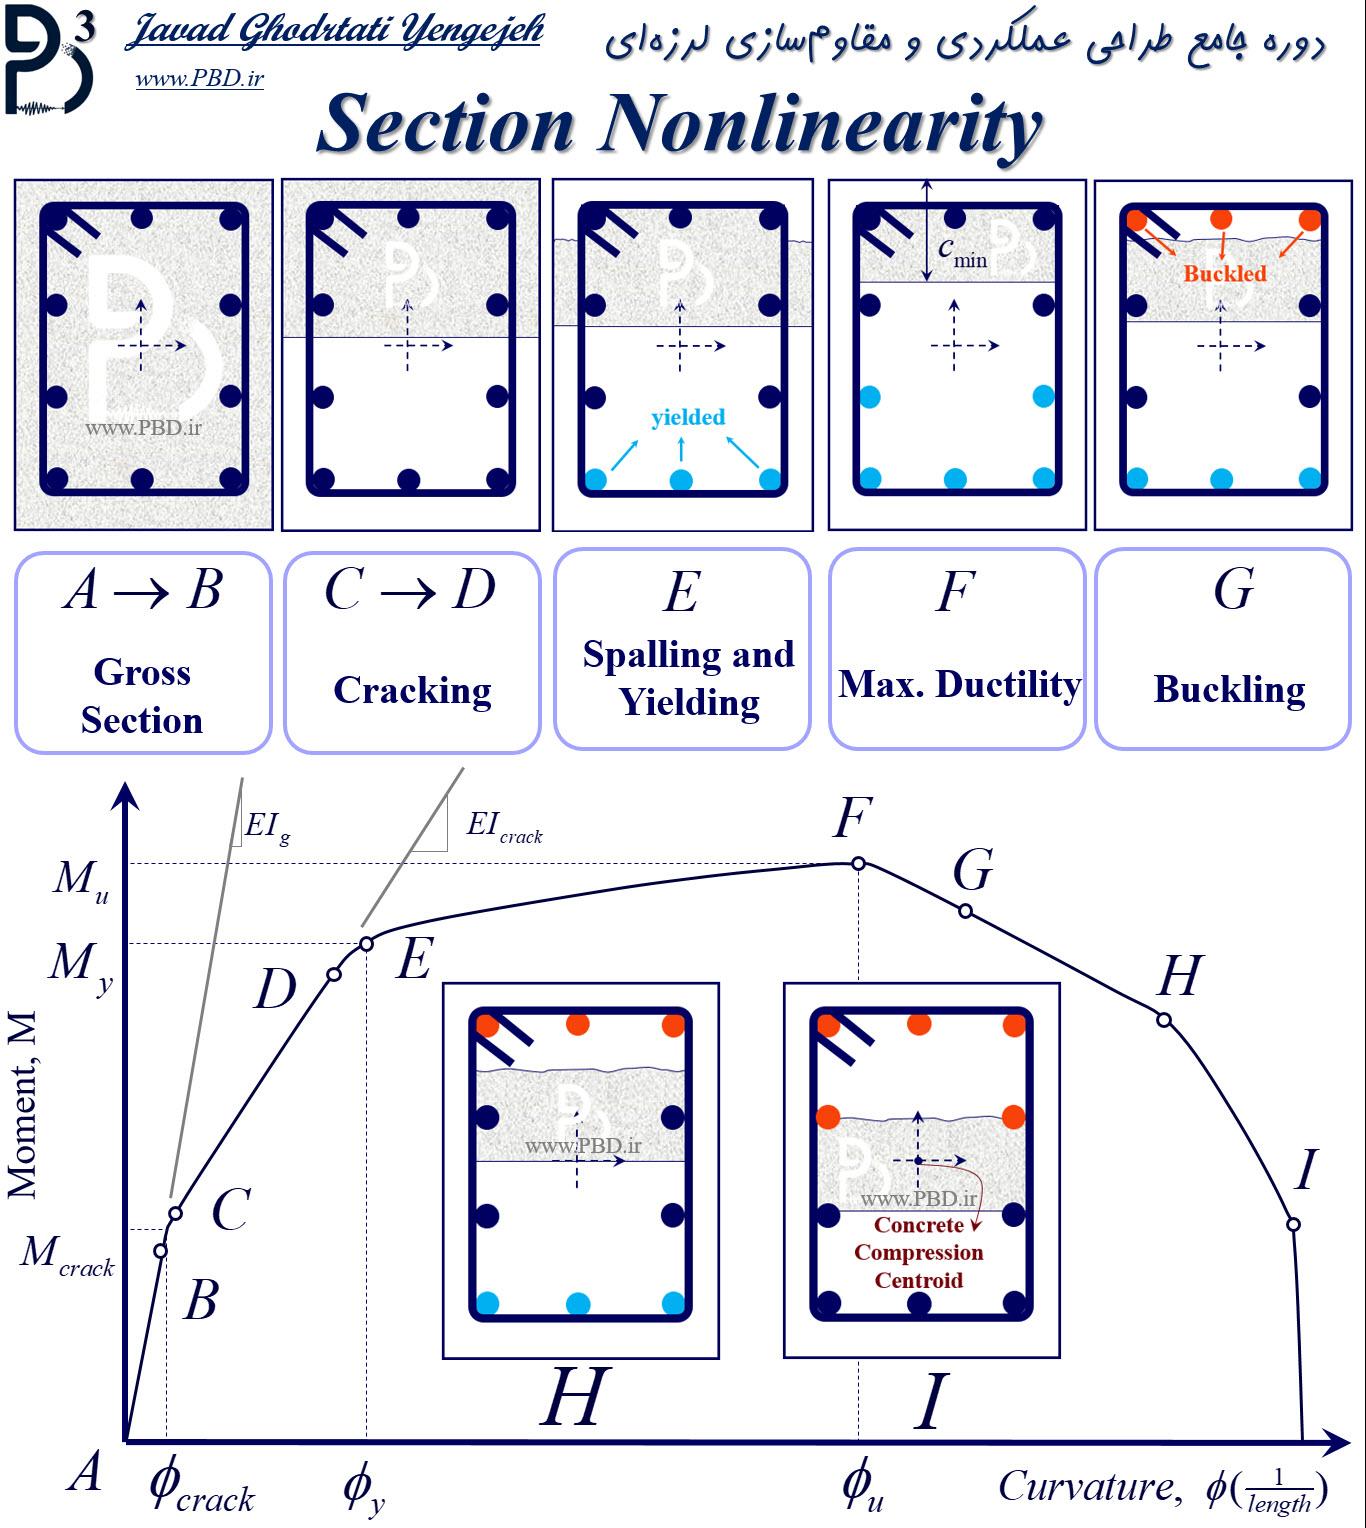 بررسی کامل منحنی ممان - انحنای یک مقطع بتنی با رویکرد طراحی عملکردی و مقاوم سازی